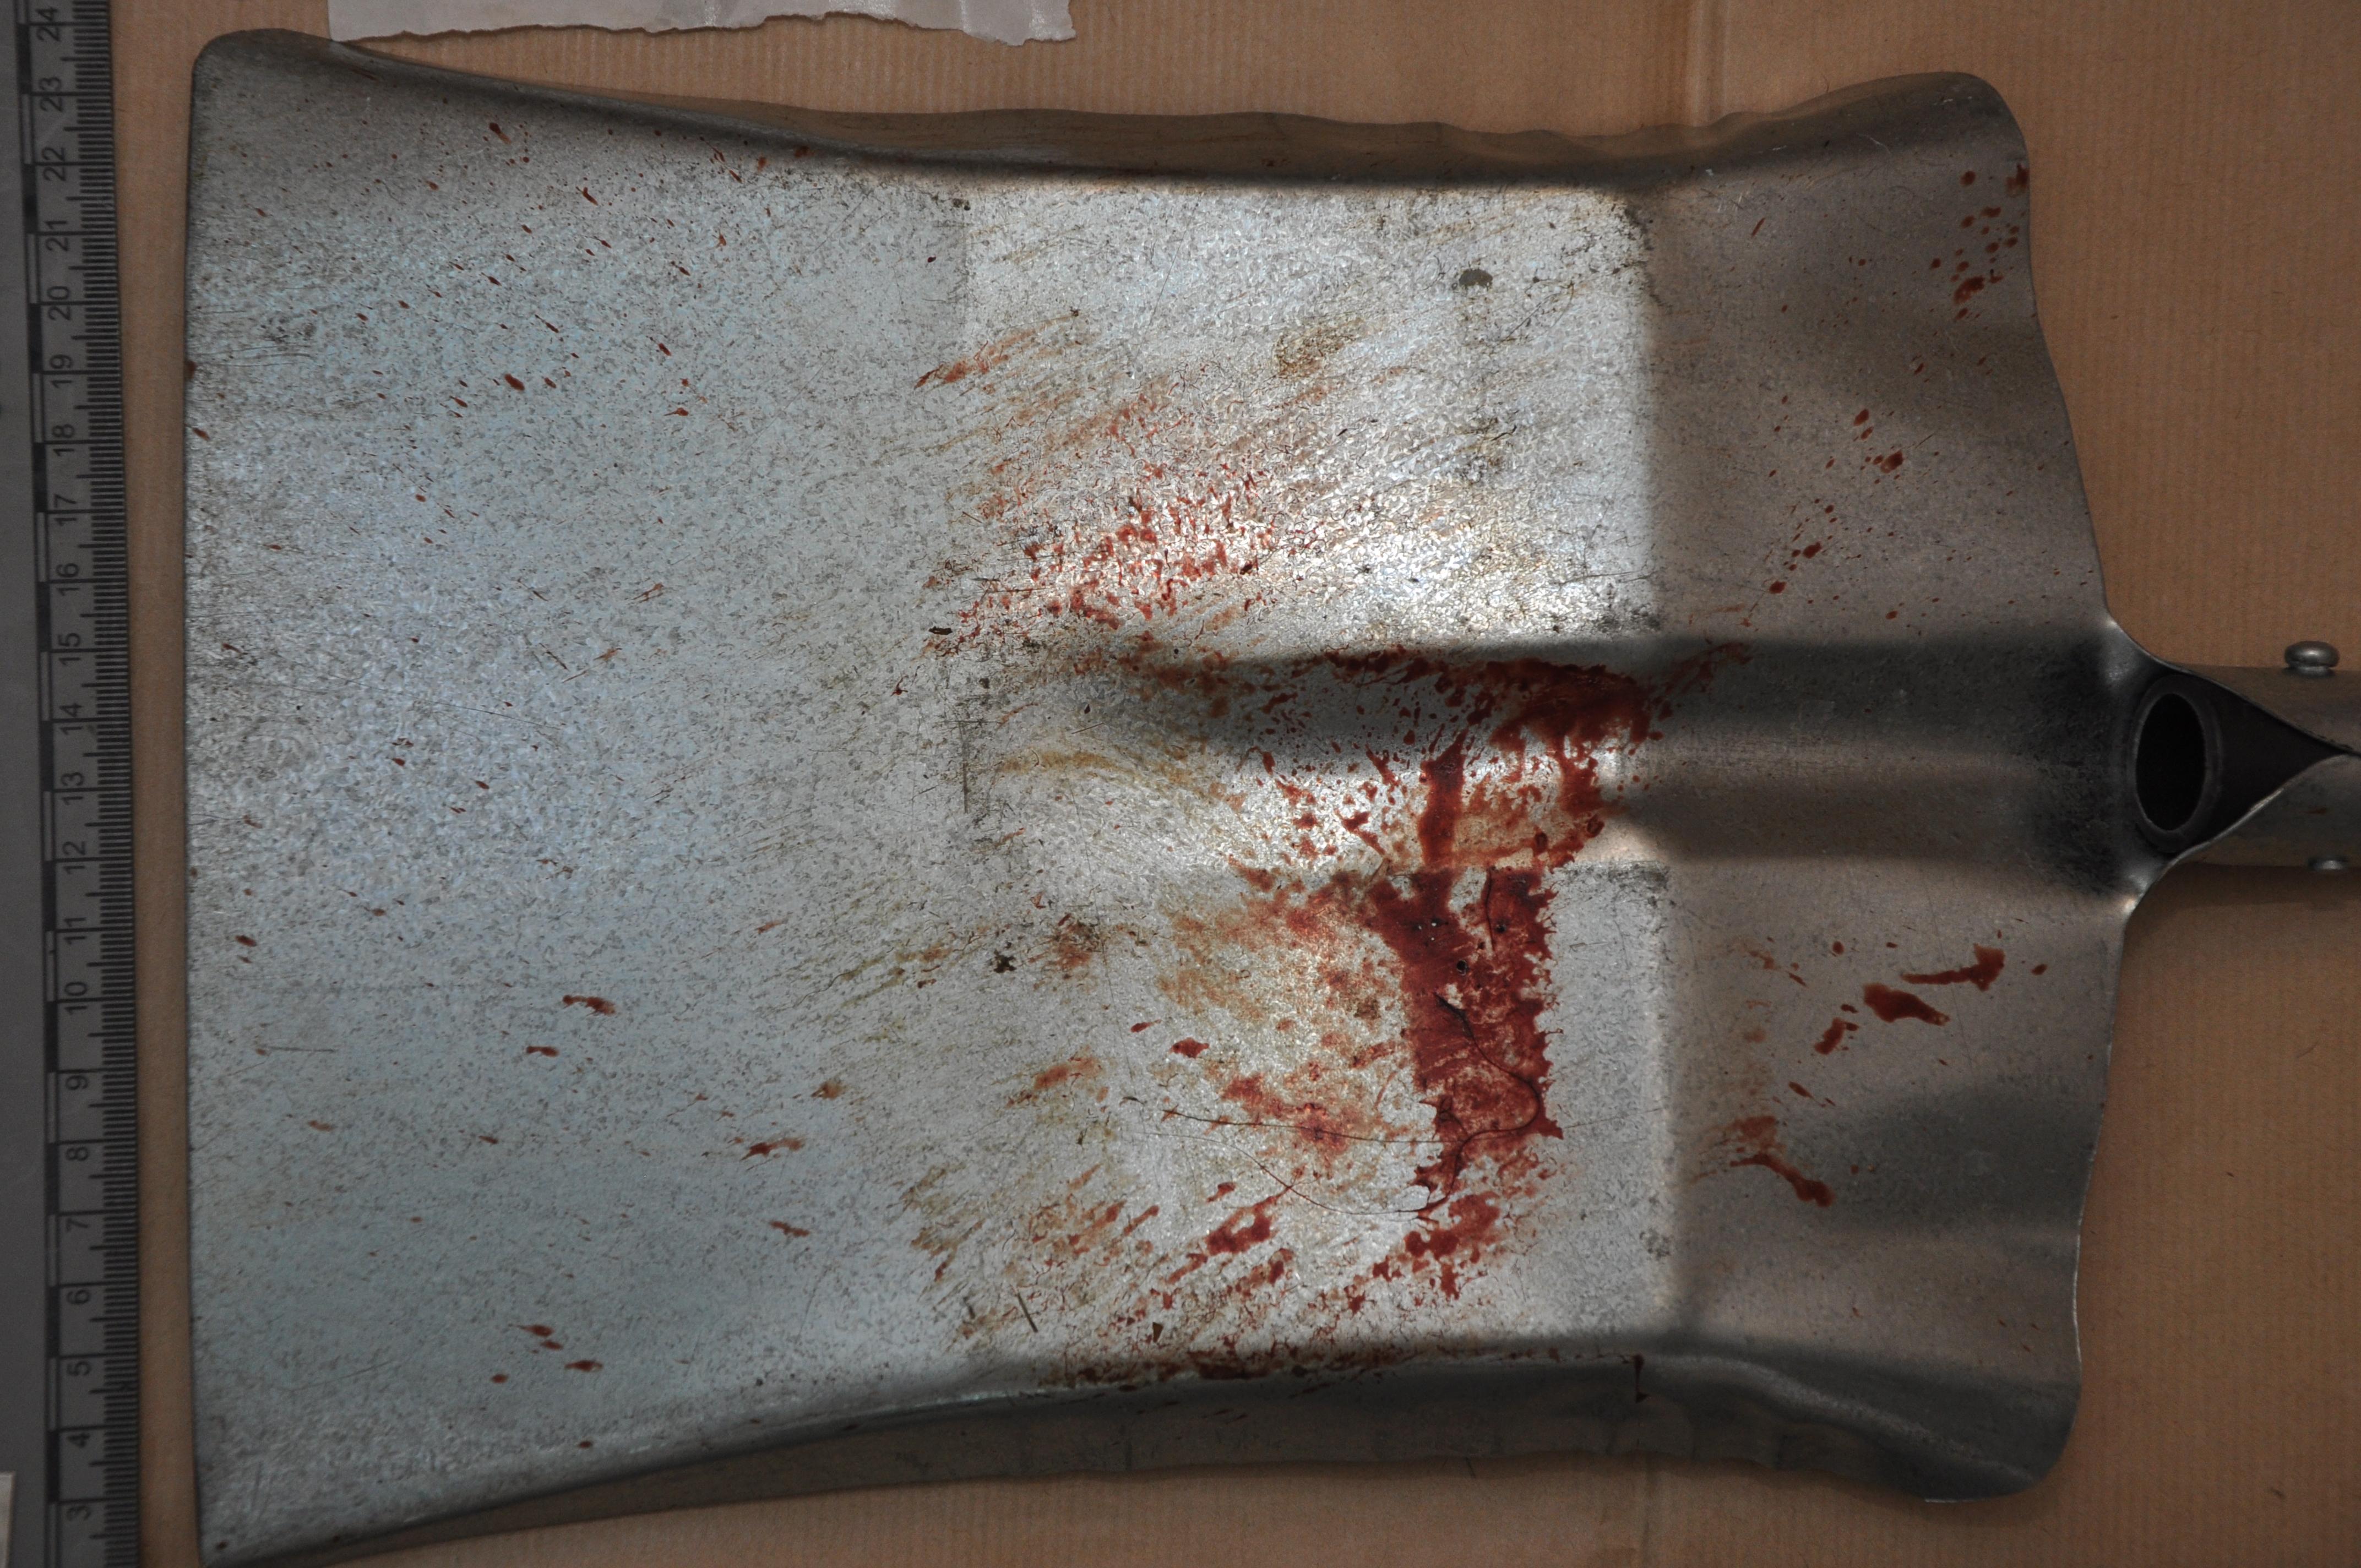 Hartlepool murder weapon shovel